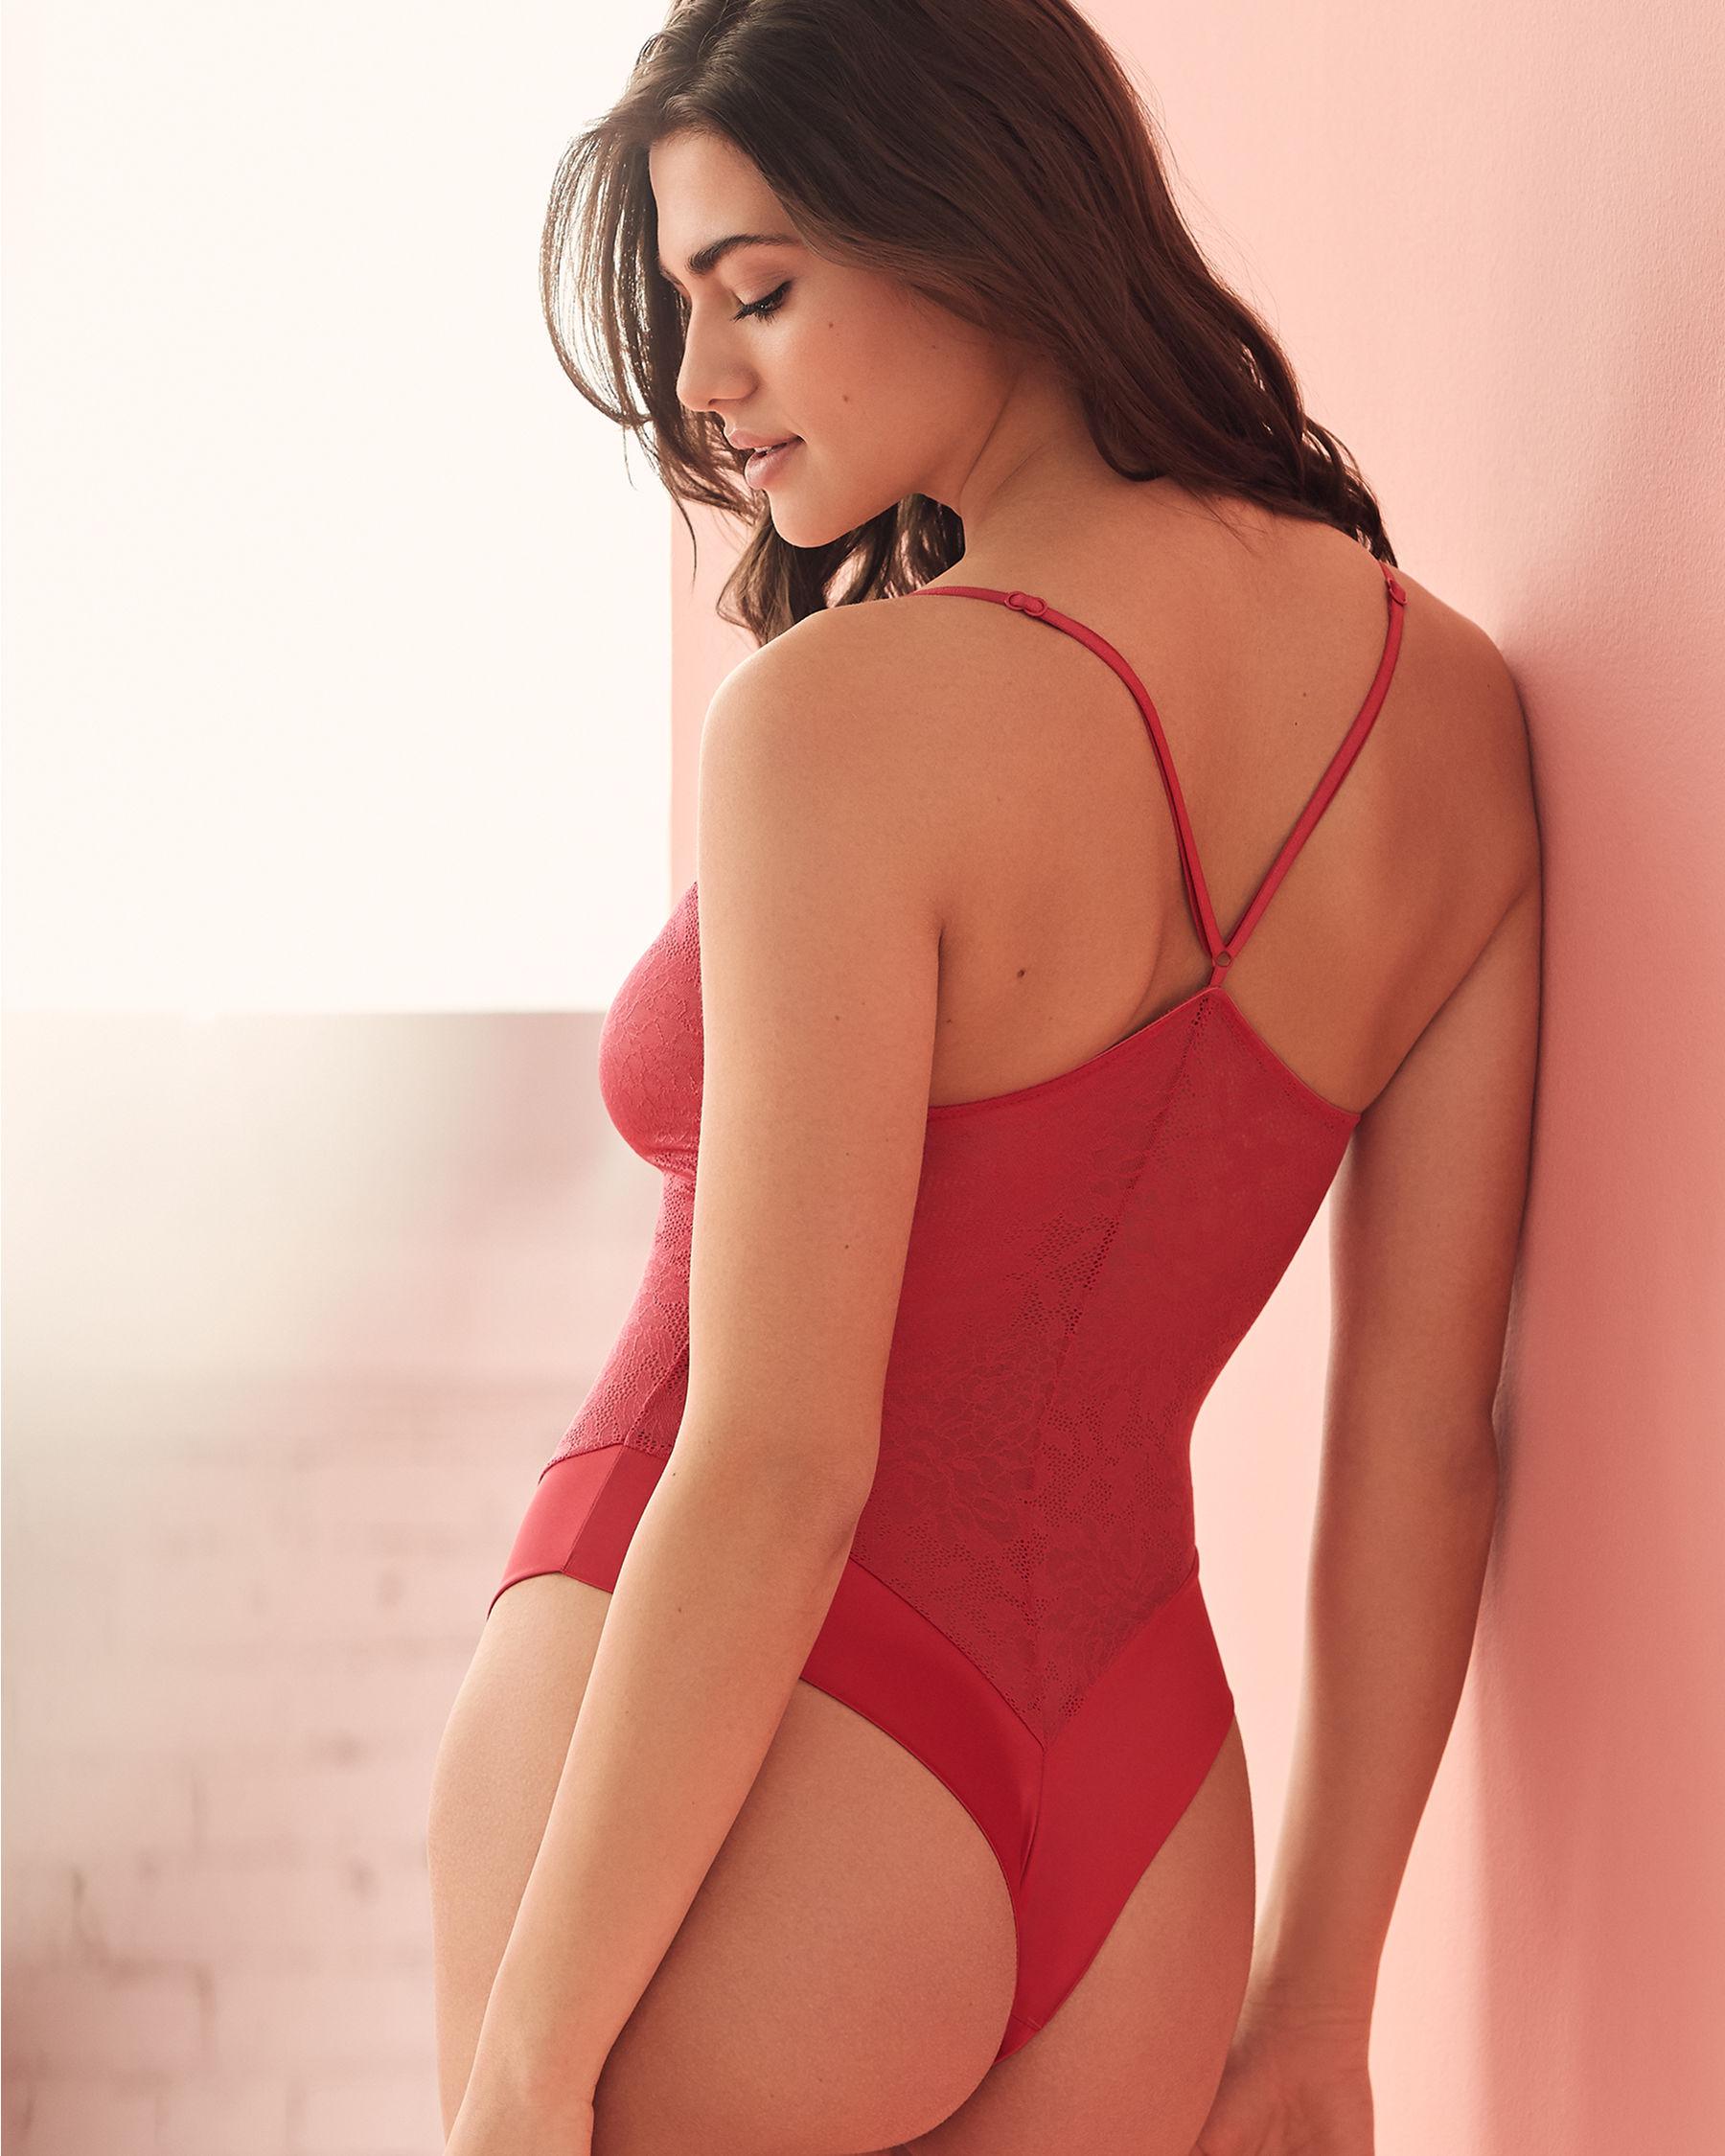 LA VIE EN ROSE Combiné en dentelle et satin Rouge 762-441-0-11 - Voir1